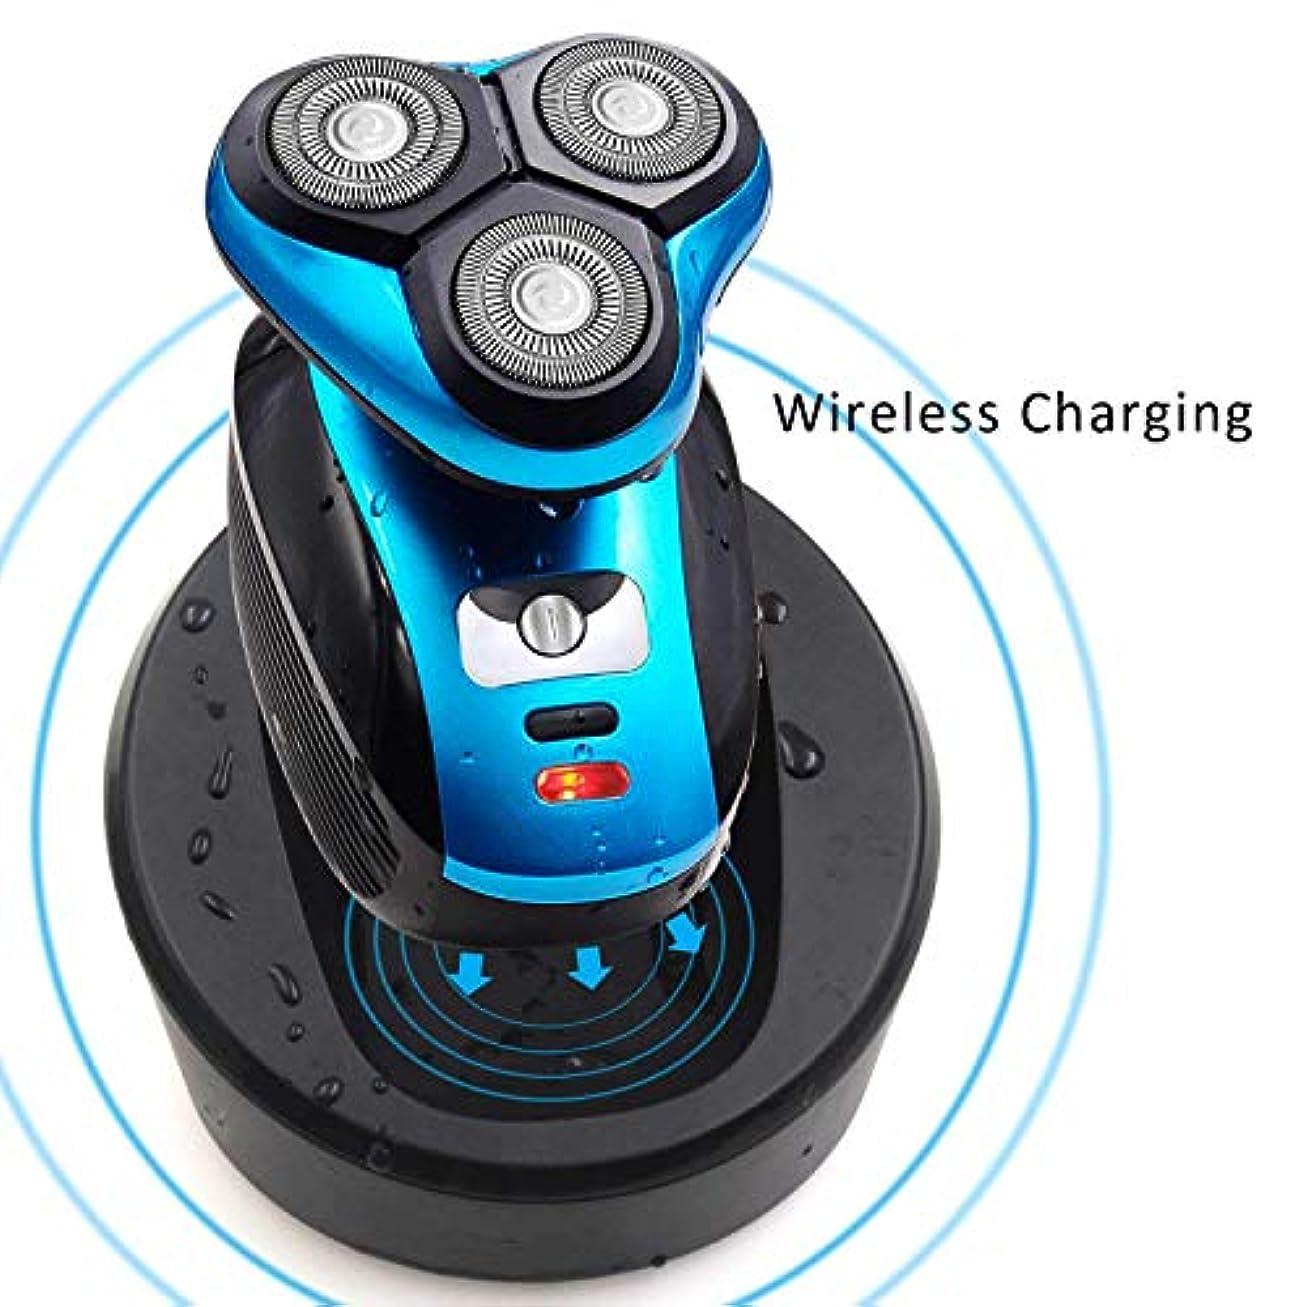 逆人類プラスチック電気かみそりの人、ひげをそるシェーバーIPX 7充電スタンド付きクレンジングブラシ/ひげ/鼻トリマー付き充電式乾式か乾式かみそりメンズロータリーシェーバーUSB 3 Dワイヤレス充電式